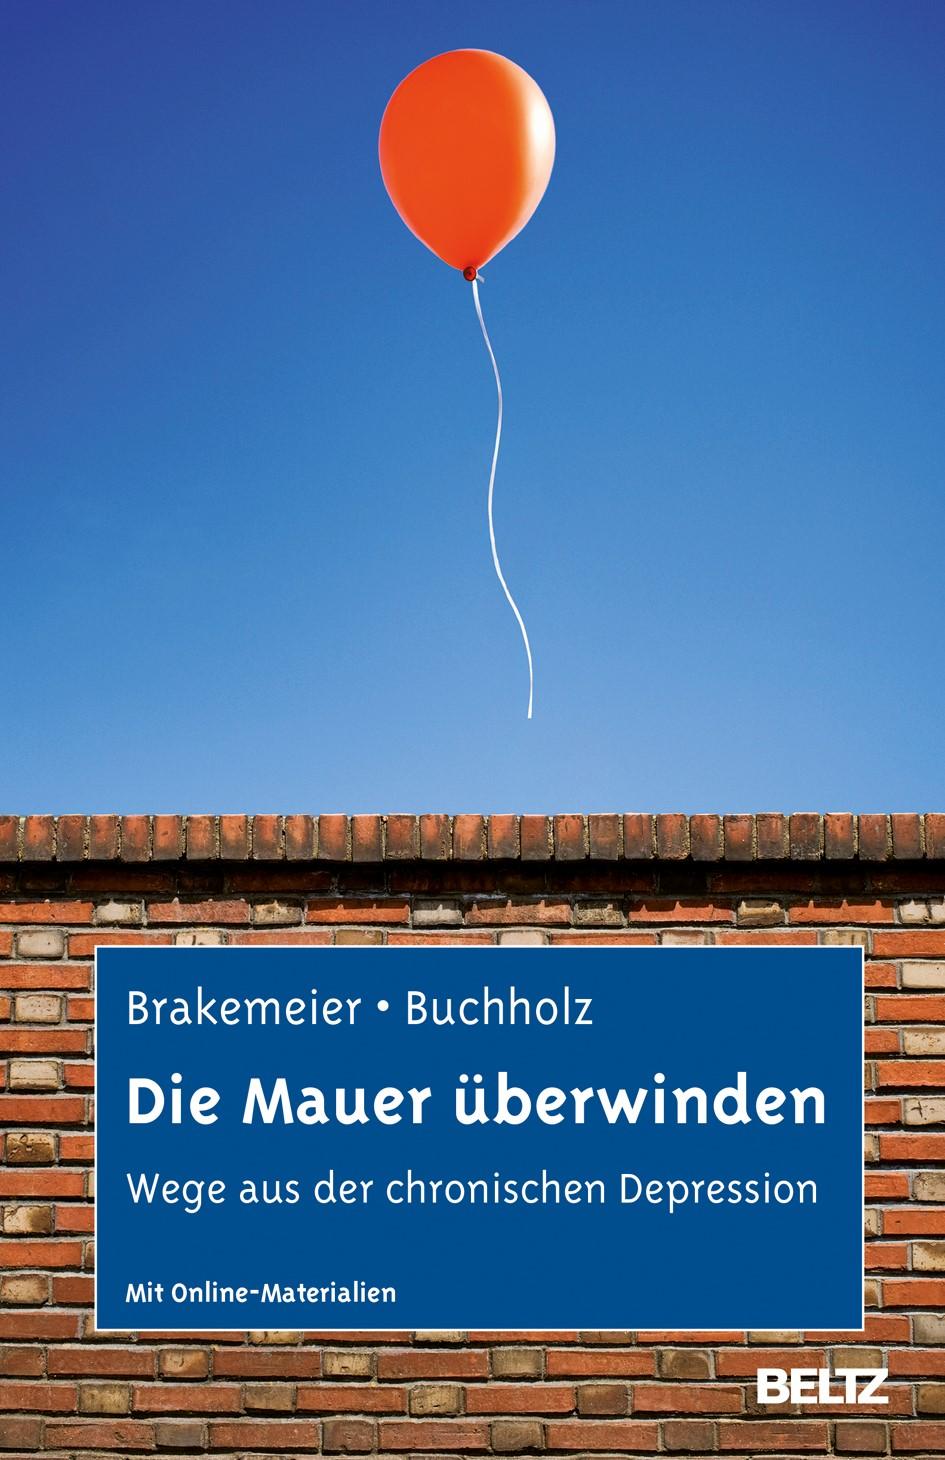 Die Mauer überwinden | Brakemeier / Buchholz | Deutsche Erstausgabe, 2013 | Buch (Cover)